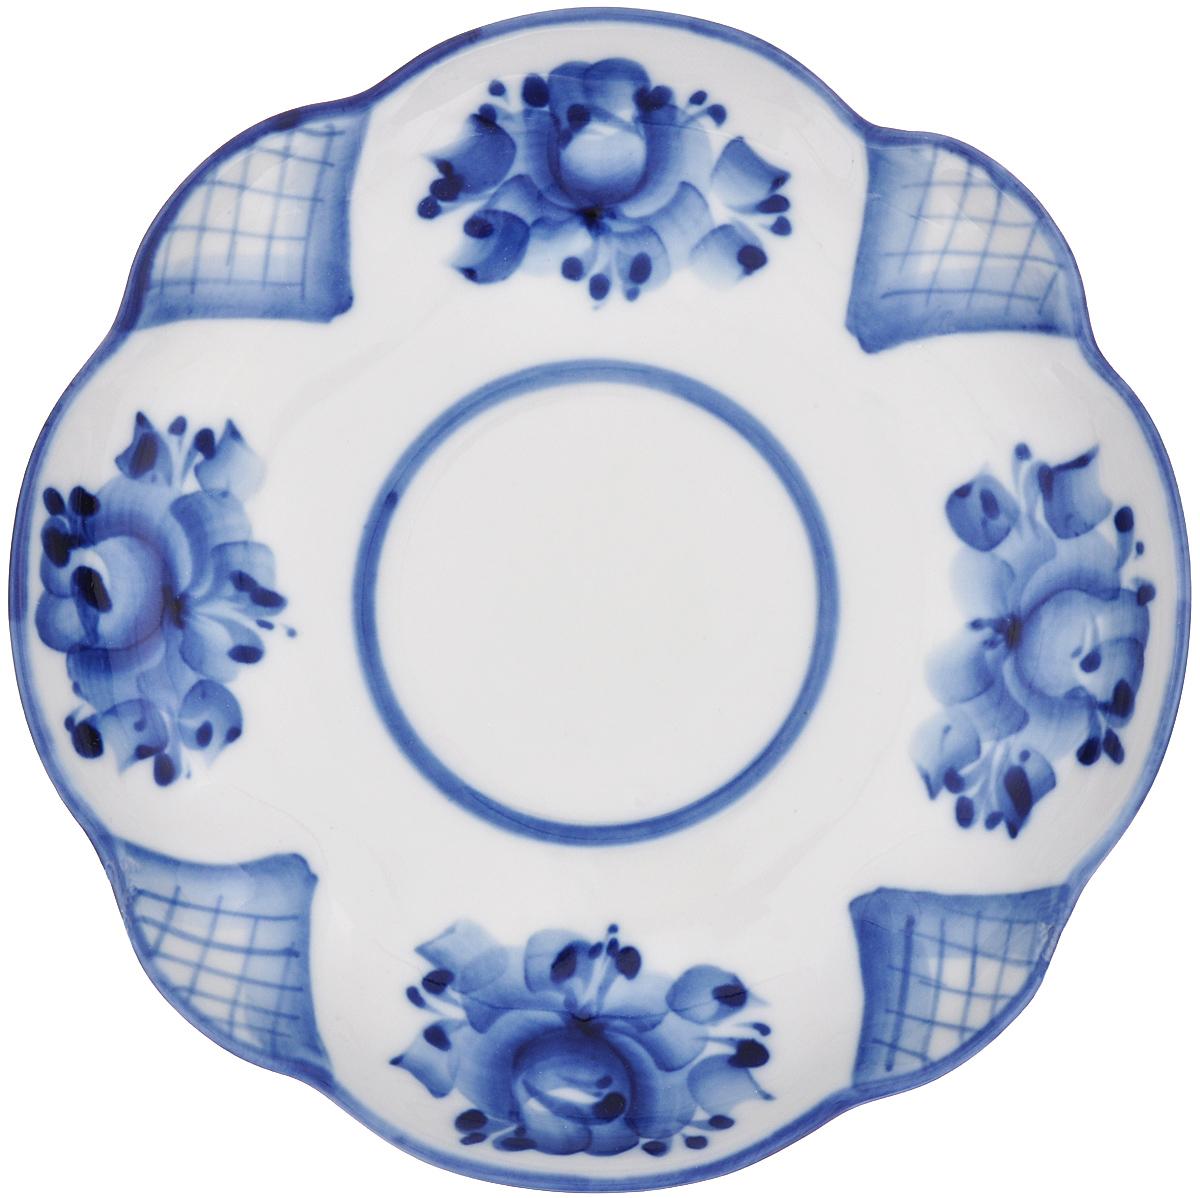 Блюдце Тюльпан, цвет: белый, синий, диаметр 16 см993017842Блюдце Тюльпан, изготовленное из высококачественной керамики, предназначено для красивой сервировки стола. Блюдце оформлено оригинальной гжельской росписью. Прекрасный дизайн изделия идеально подойдет для сервировки стола. Обращаем ваше внимание, что роспись на изделиях выполнена вручную. Рисунок может немного отличаться от изображения на фотографии. Диаметр: 16 см. Высота блюдца: 2,5 см.